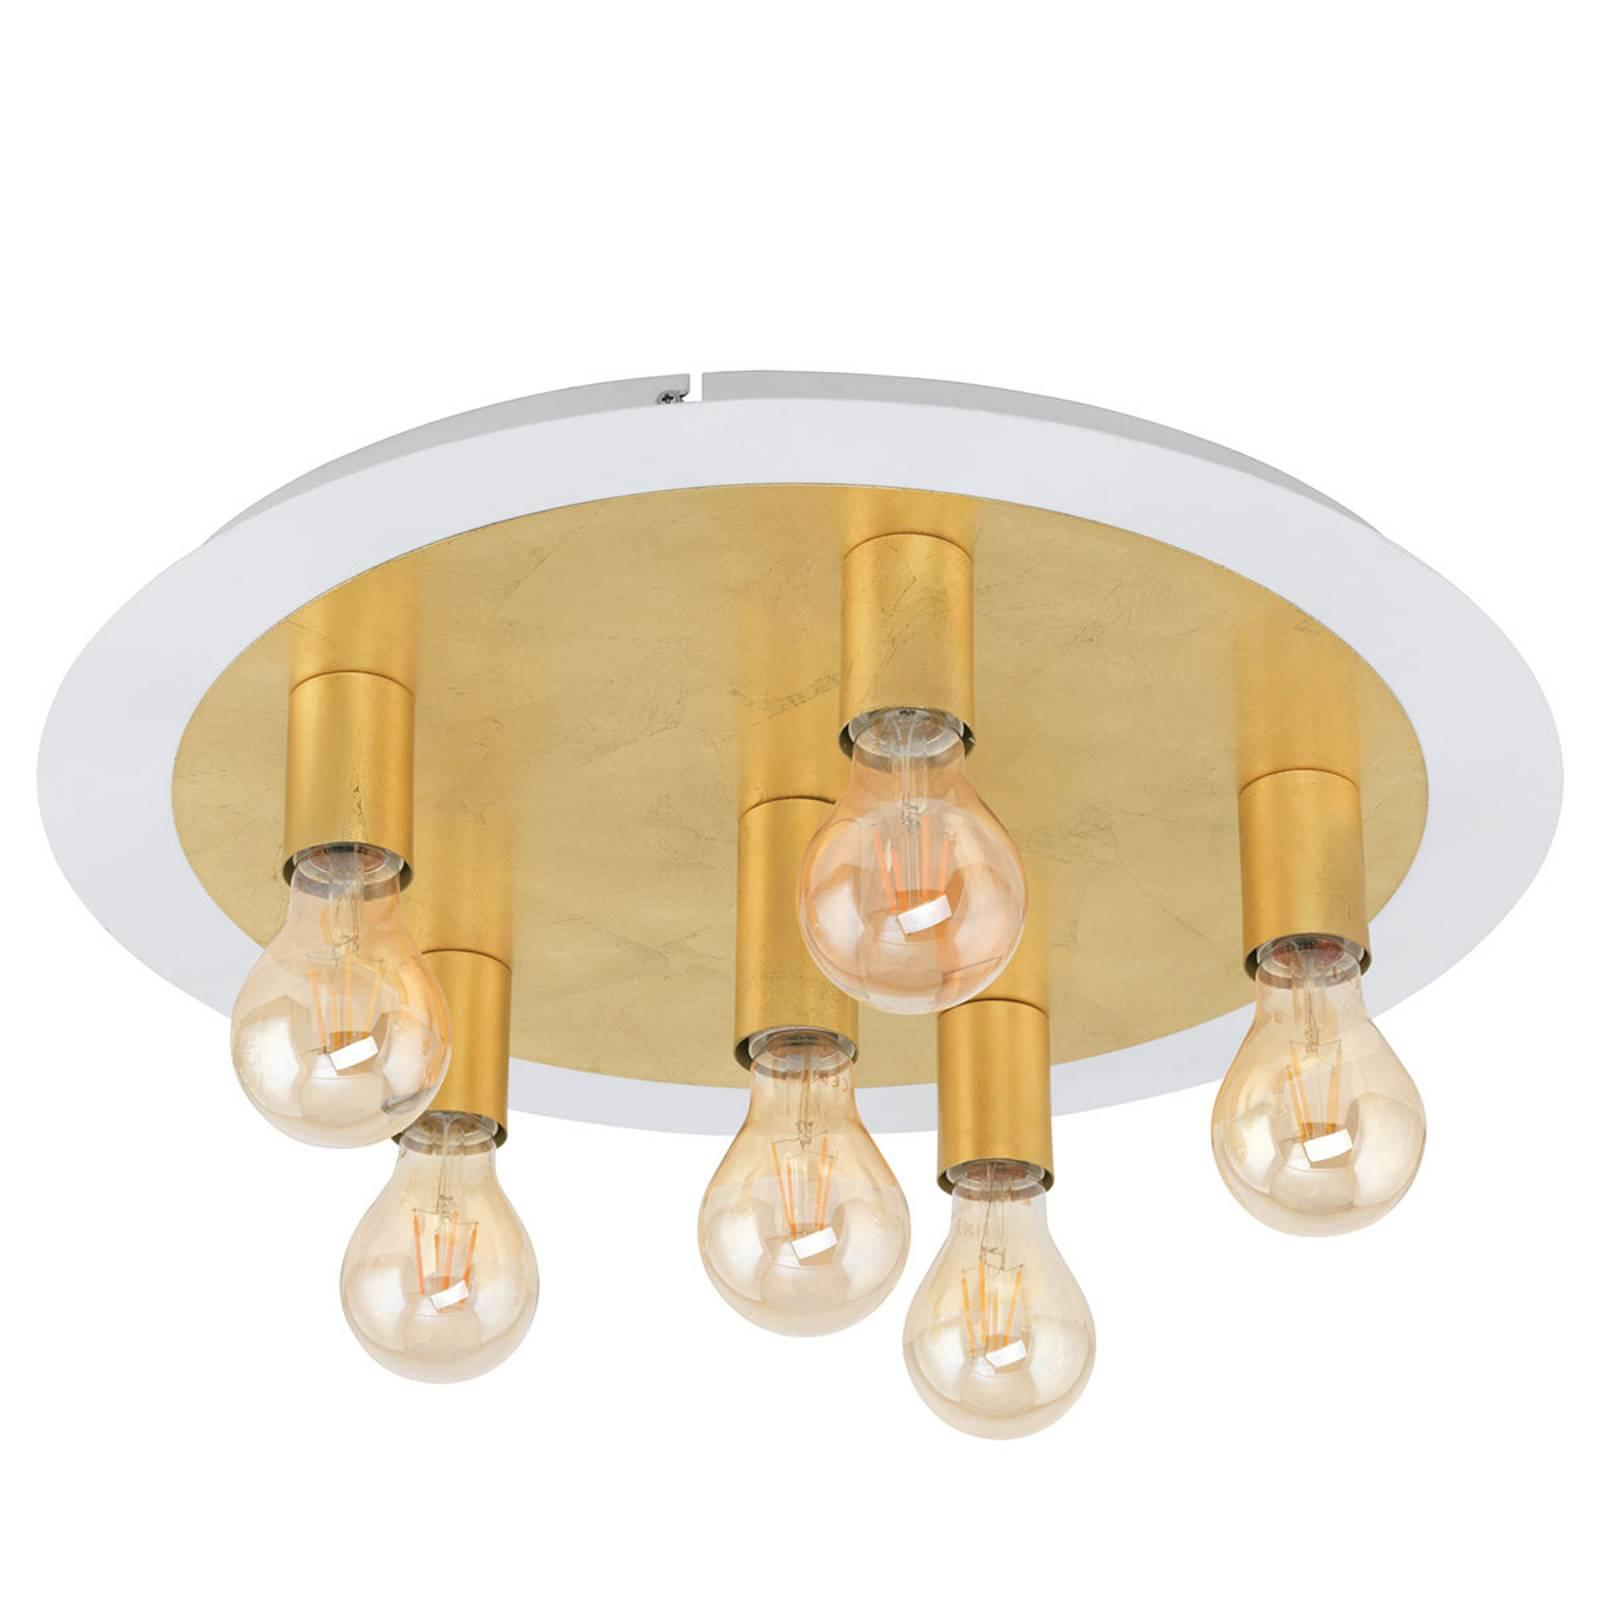 LED-kattovalaisin Passano 6-lamppuinen, kulta